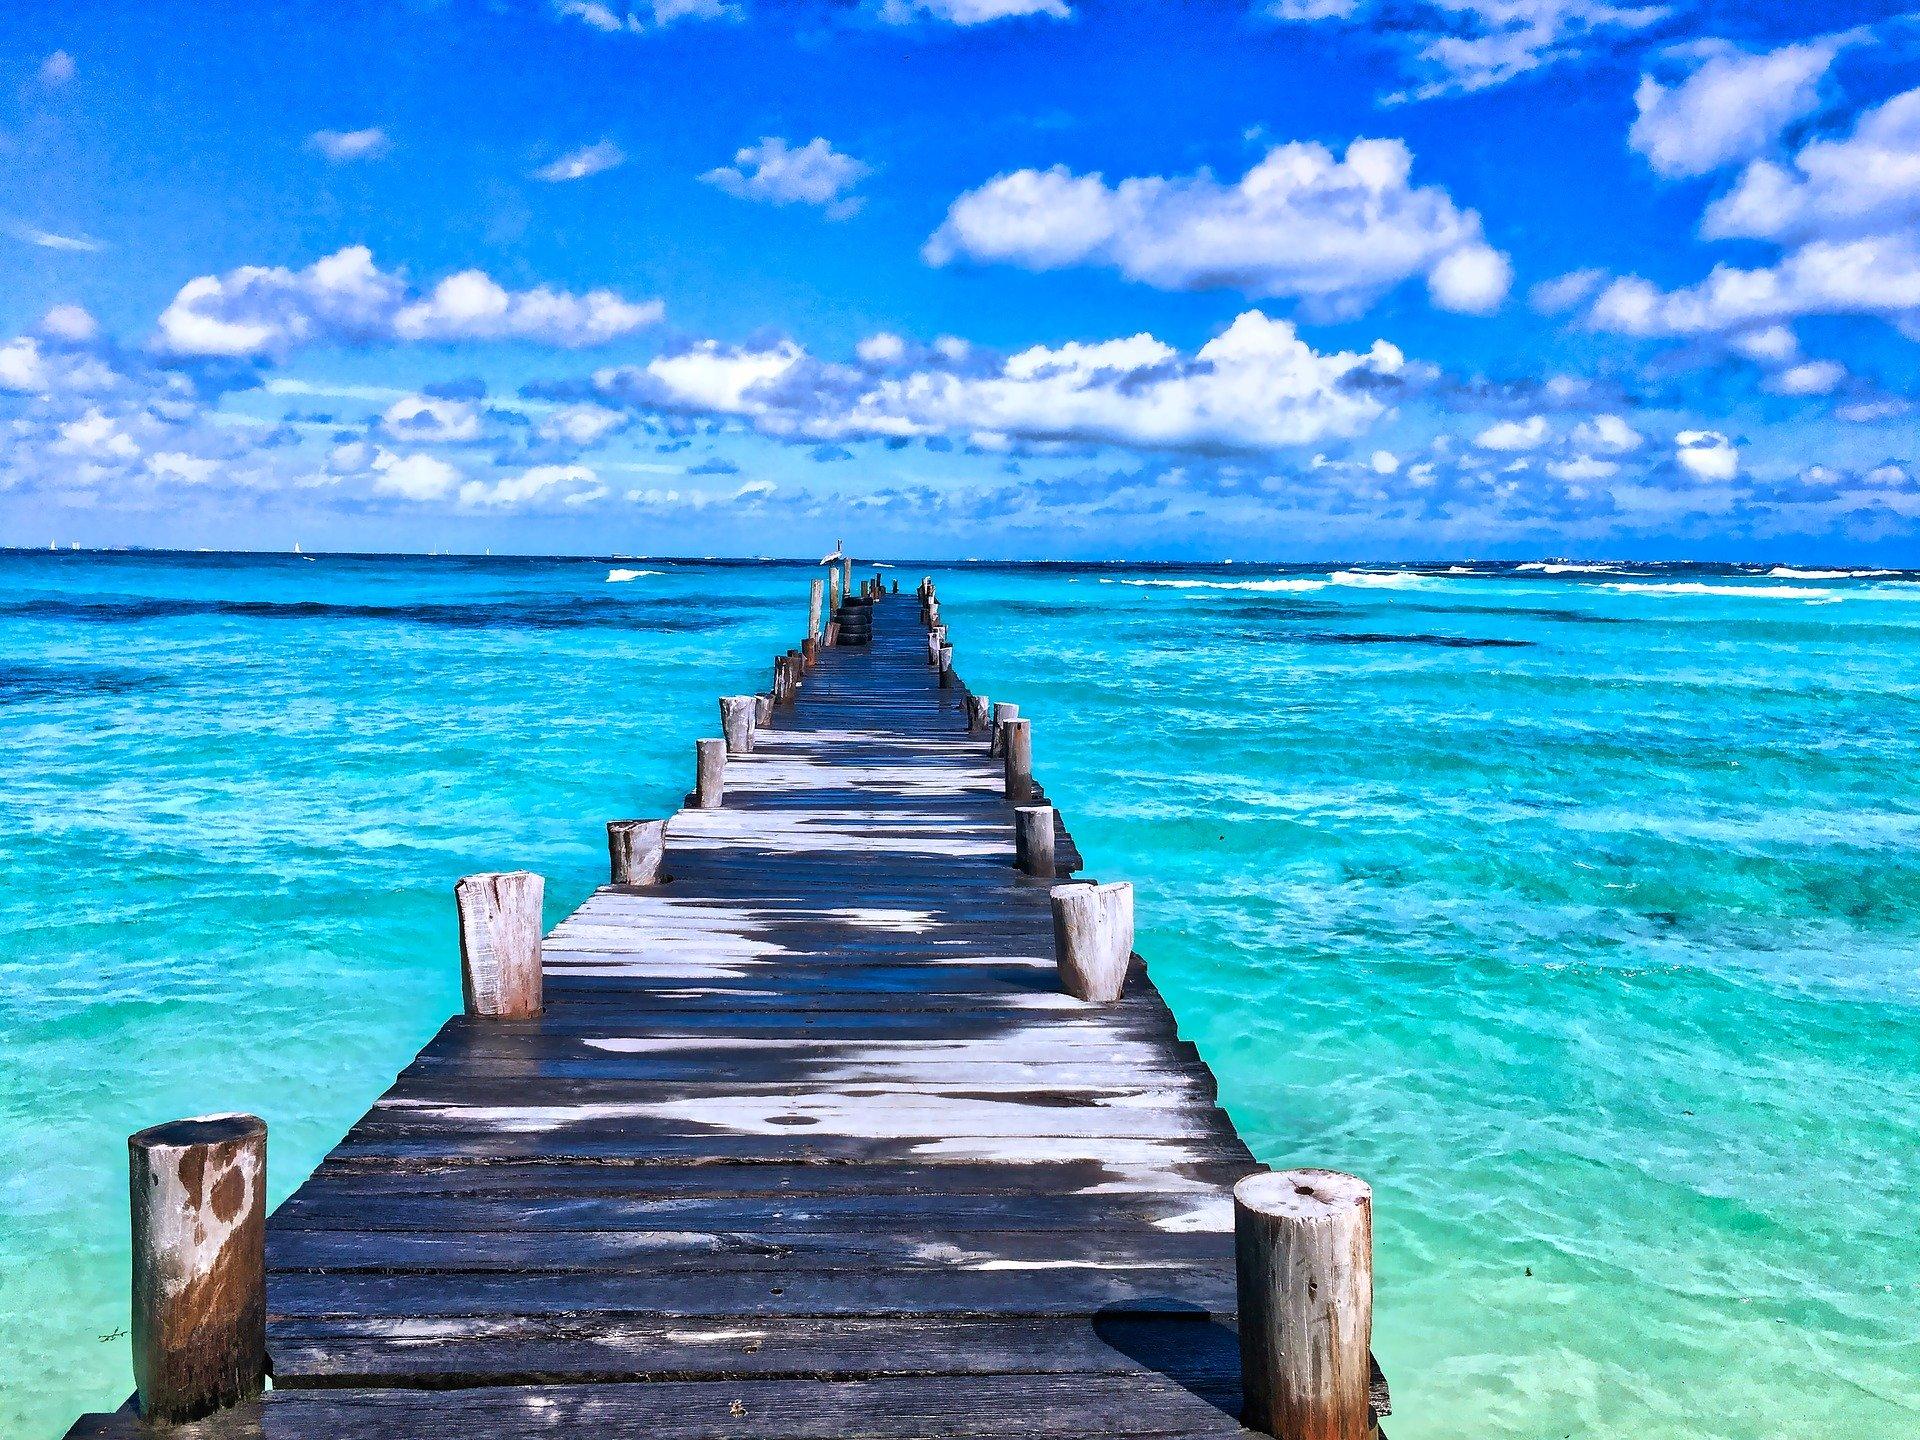 Ponton sur l'océan Atlantique au Mexique